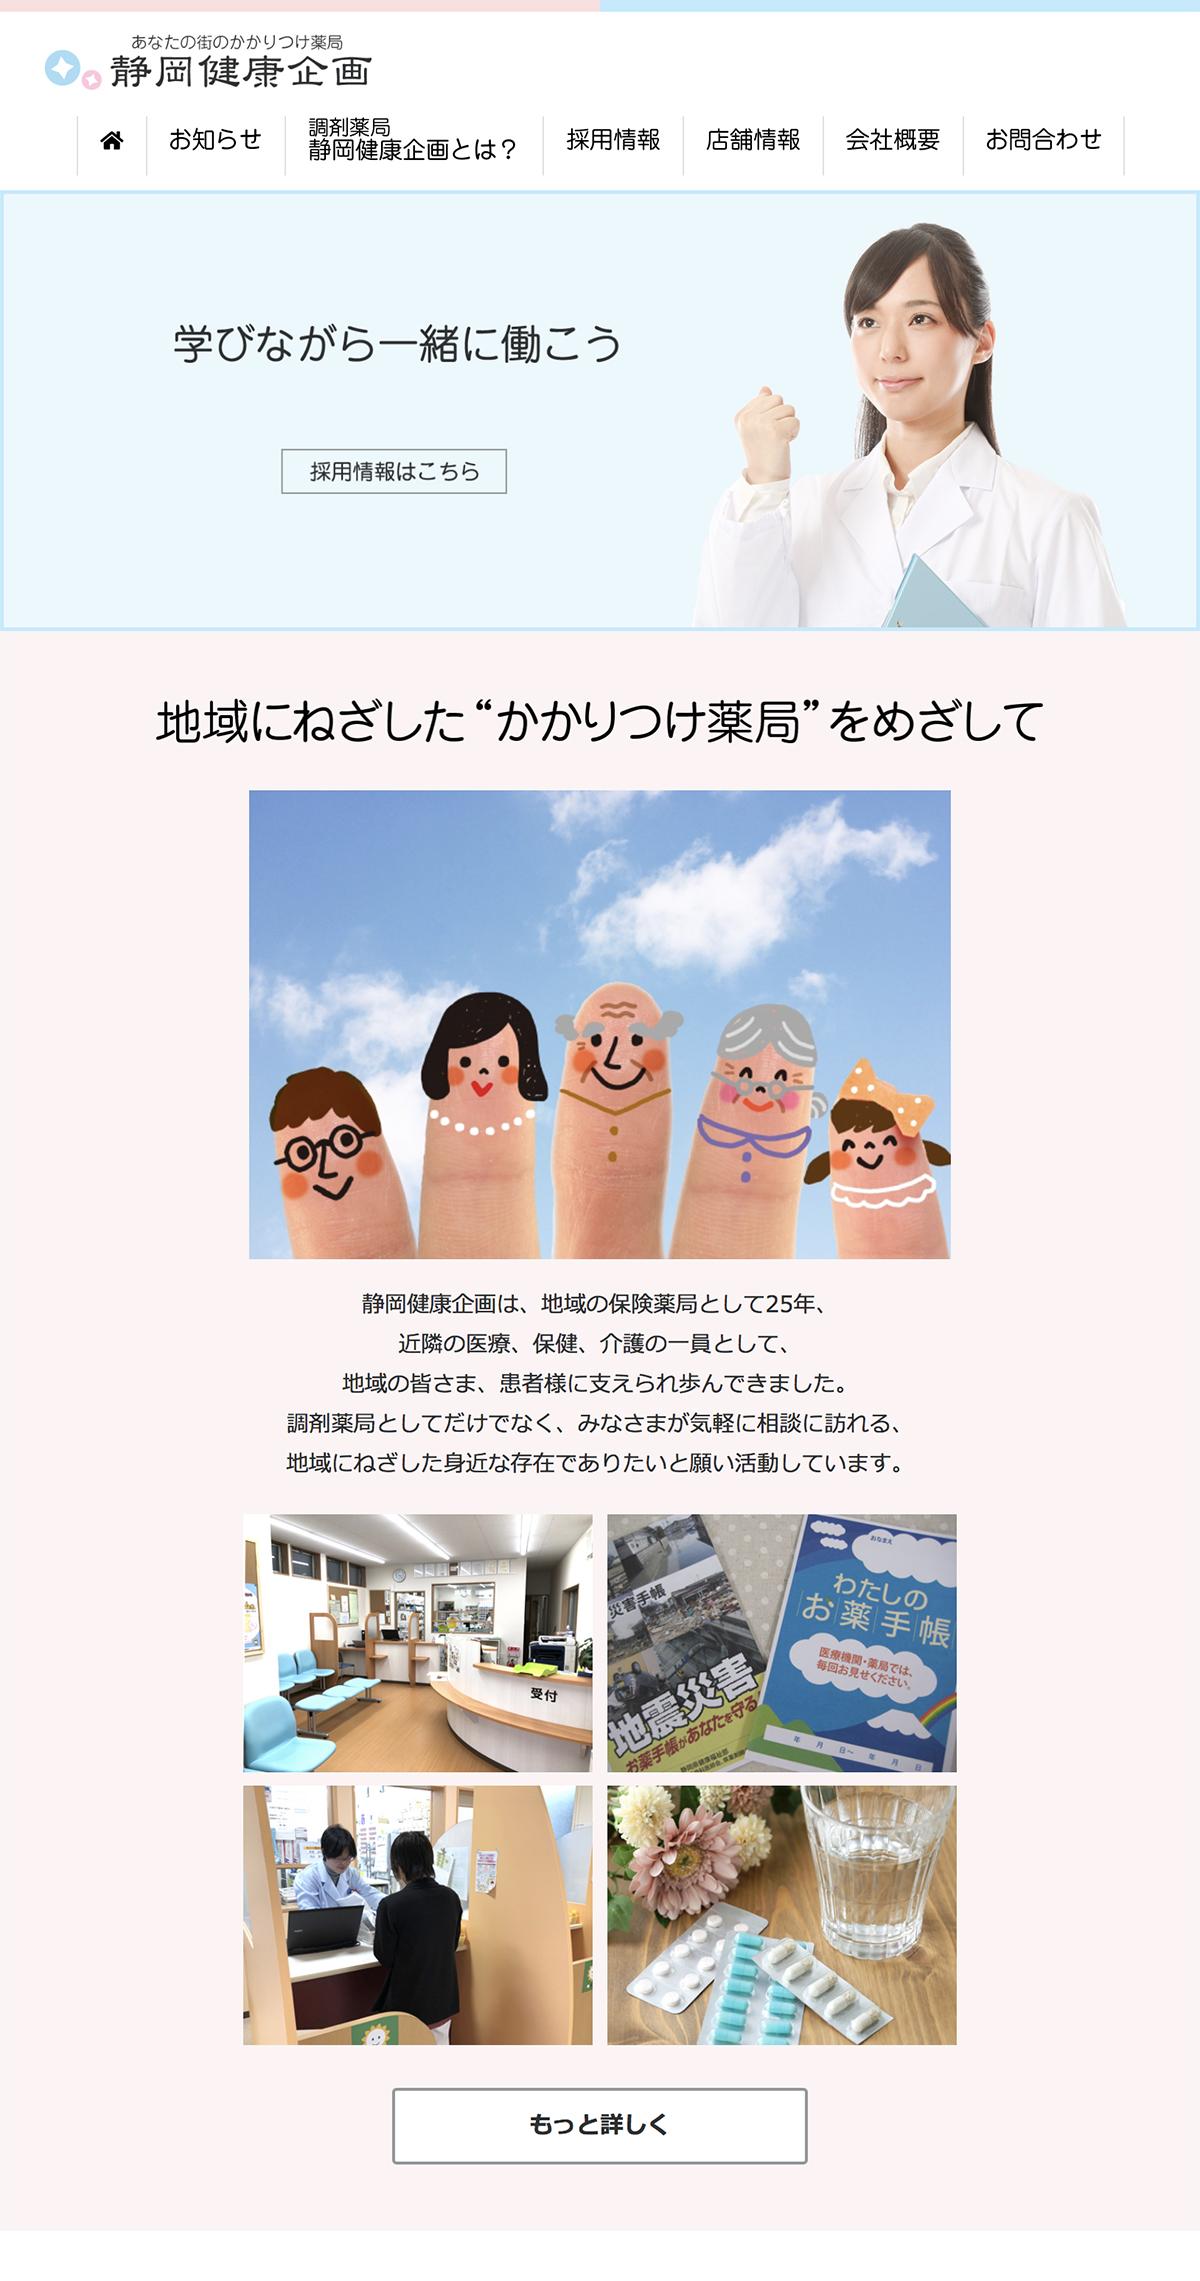 有限会社静岡健康企画